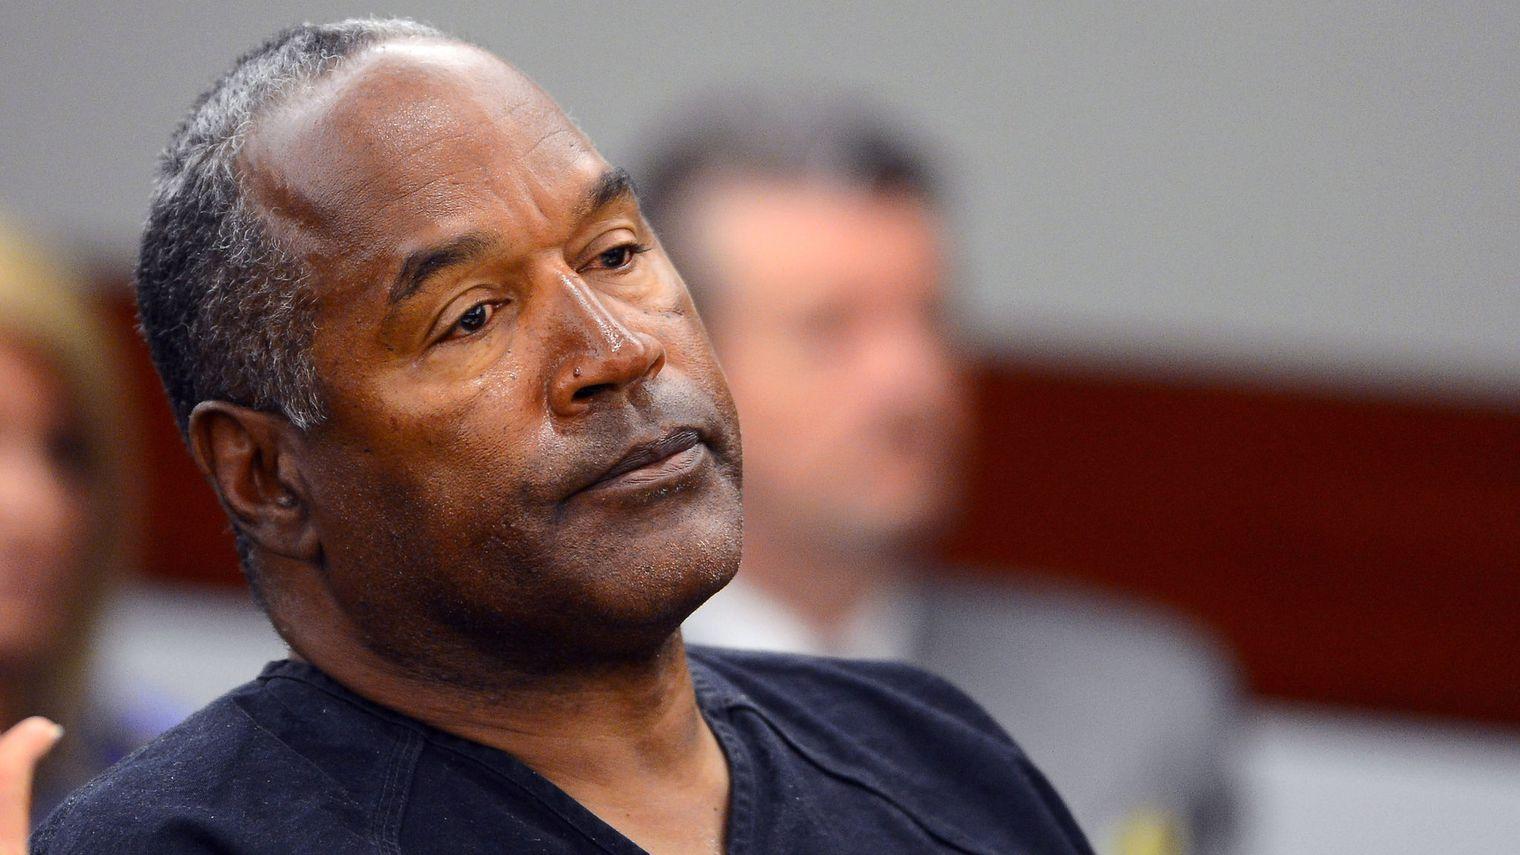 L'ex-sportif américain O.J. Simpson avait été acquitté par la justice en 1995